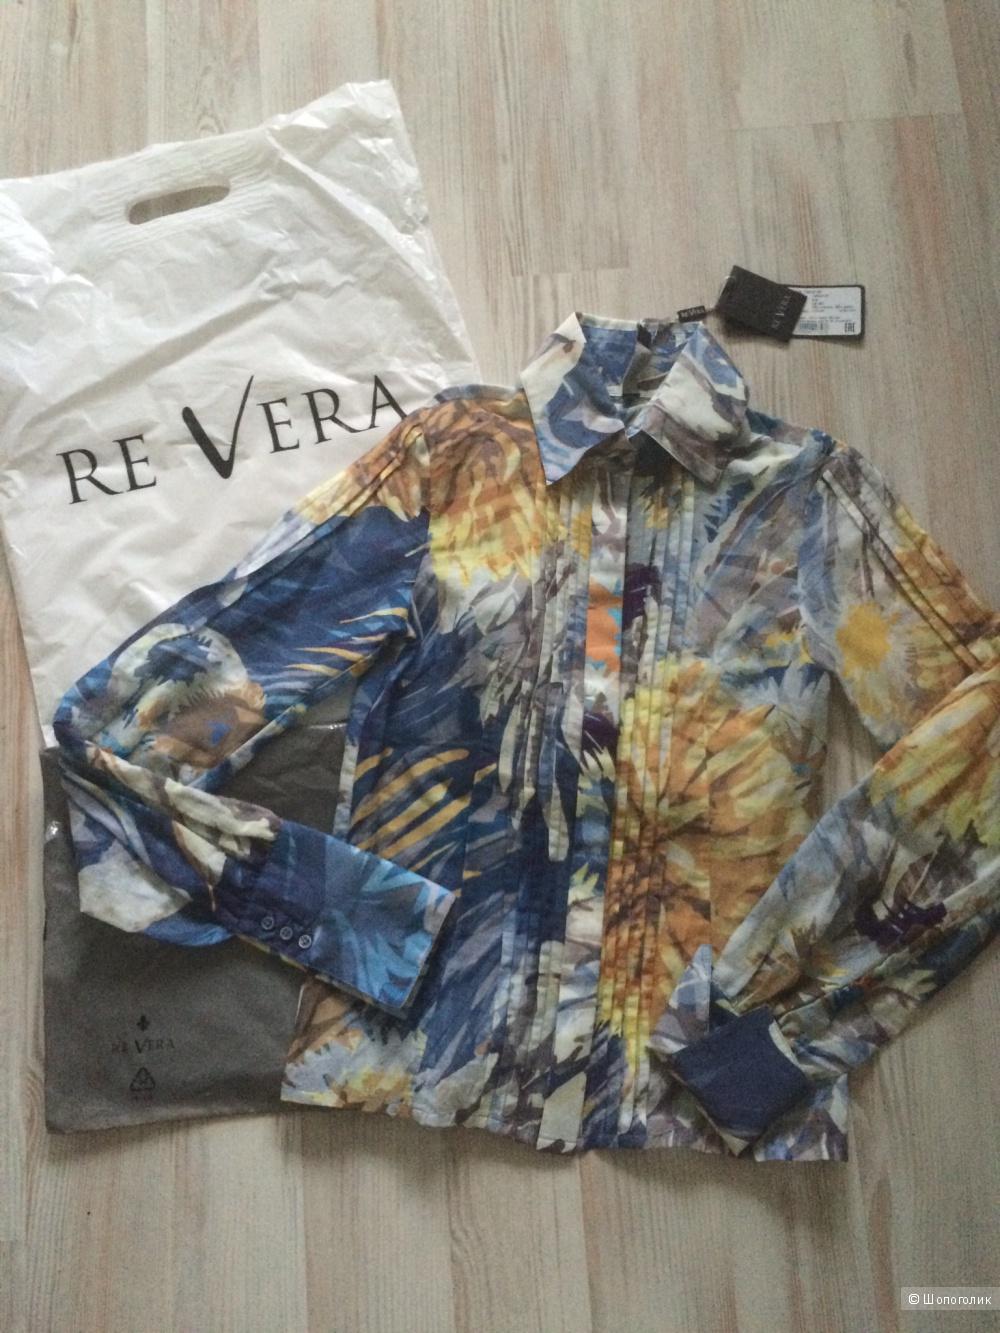 Новая итальянская Блузка Re Vera 70% хлопок 30% шелк размер xs